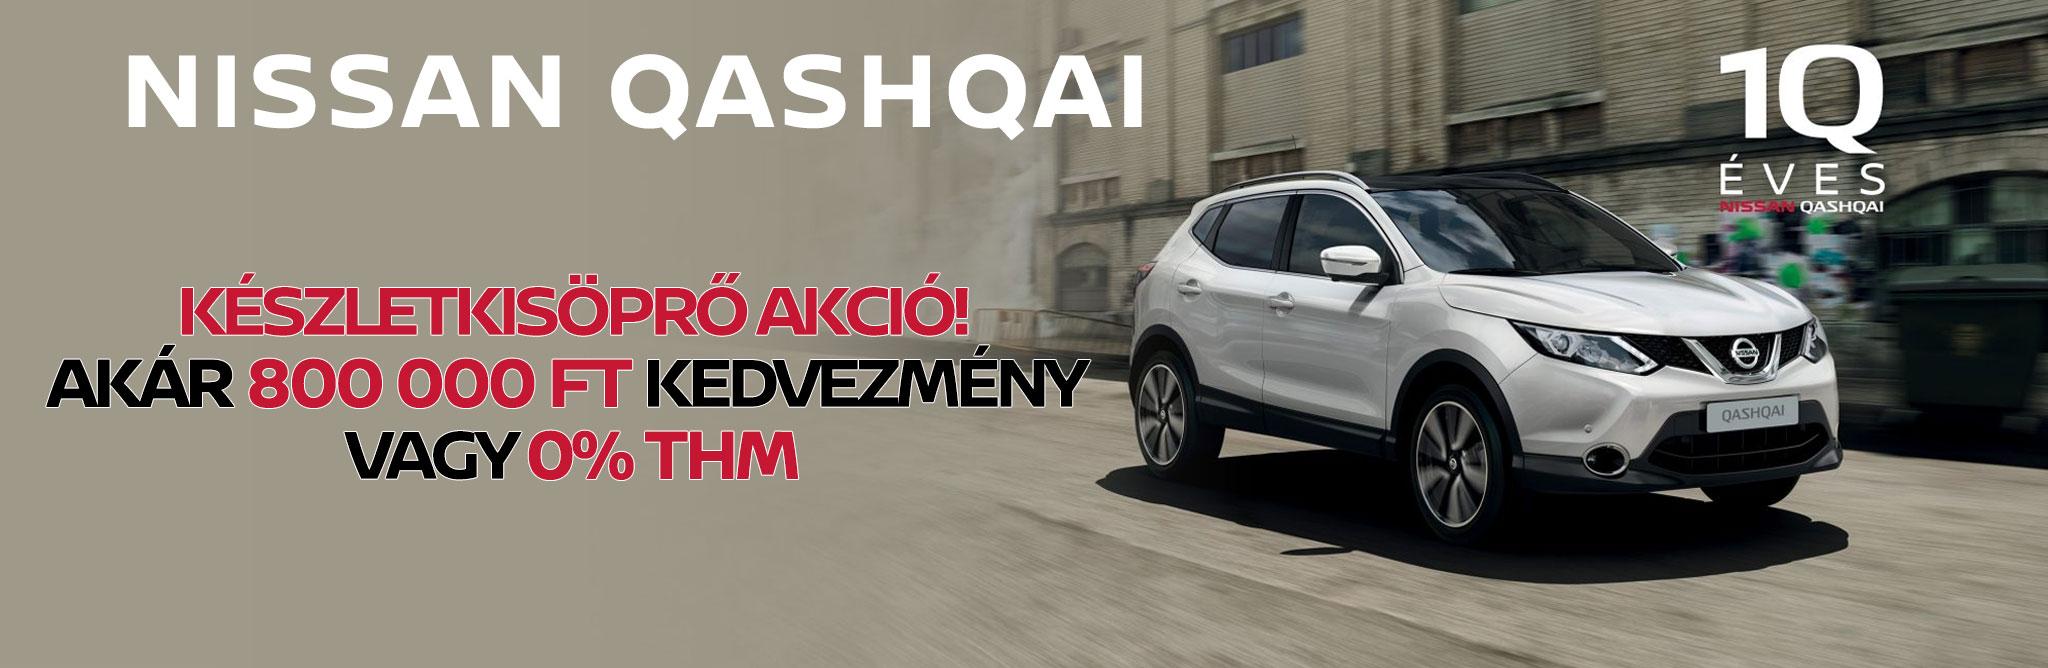 Nissan Qashqai - Készletkisöprő akció: Akár 800 000 Ft kedvezmény VAGY 0% THM